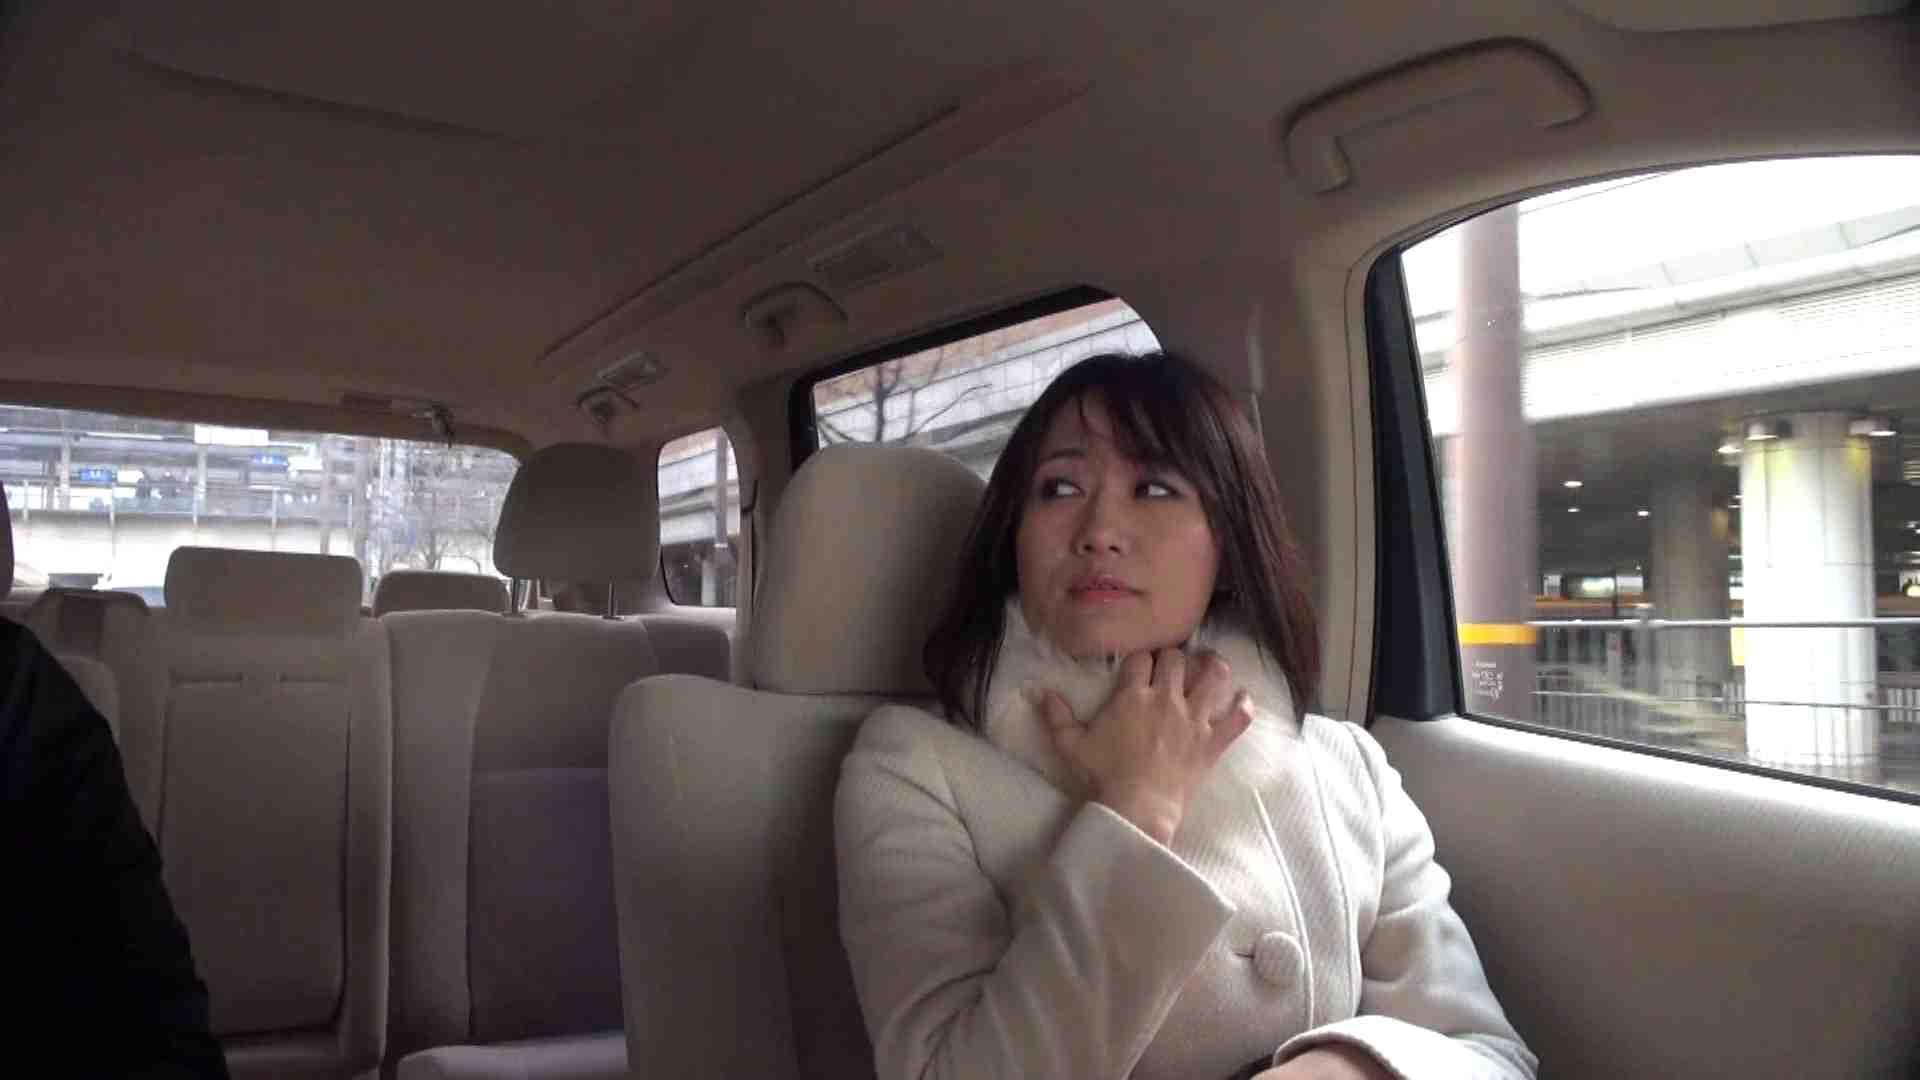 無修正エロ動画|松浦さとみ 36歳 あなたごめんなさい…淫ら妻の日帰り情事。VOL.01|大奥